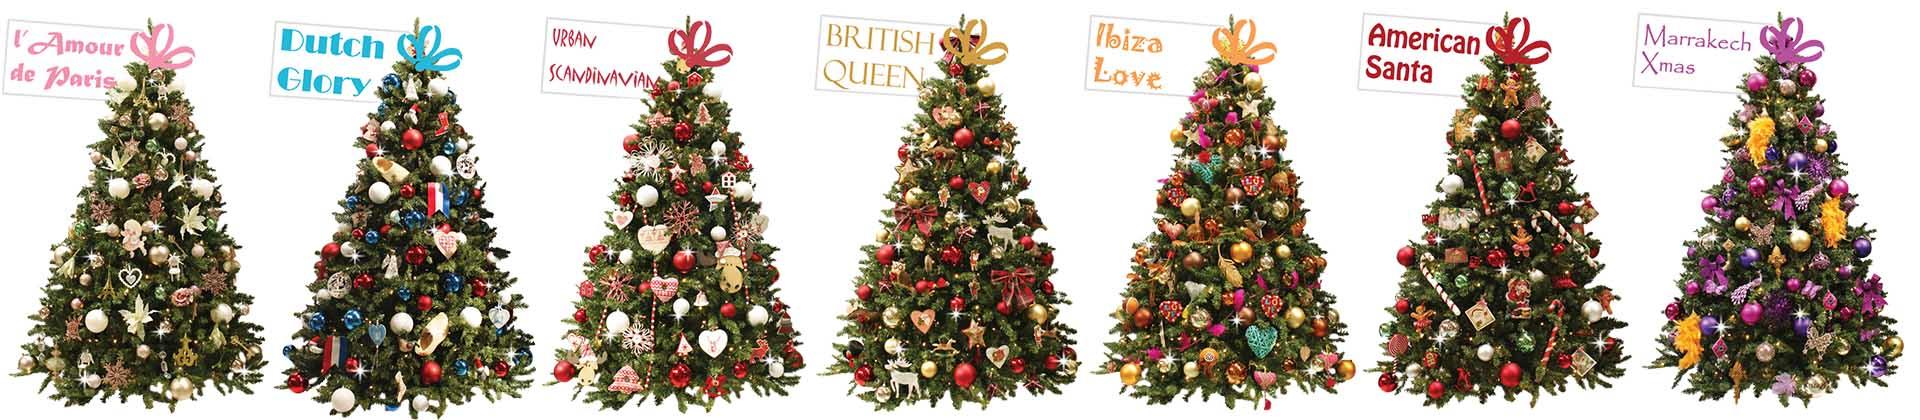 https://versierdekerstboom.nl/wp-content/uploads/2016/08/Wereldse-kerstbomen-collectie-2016.jpg